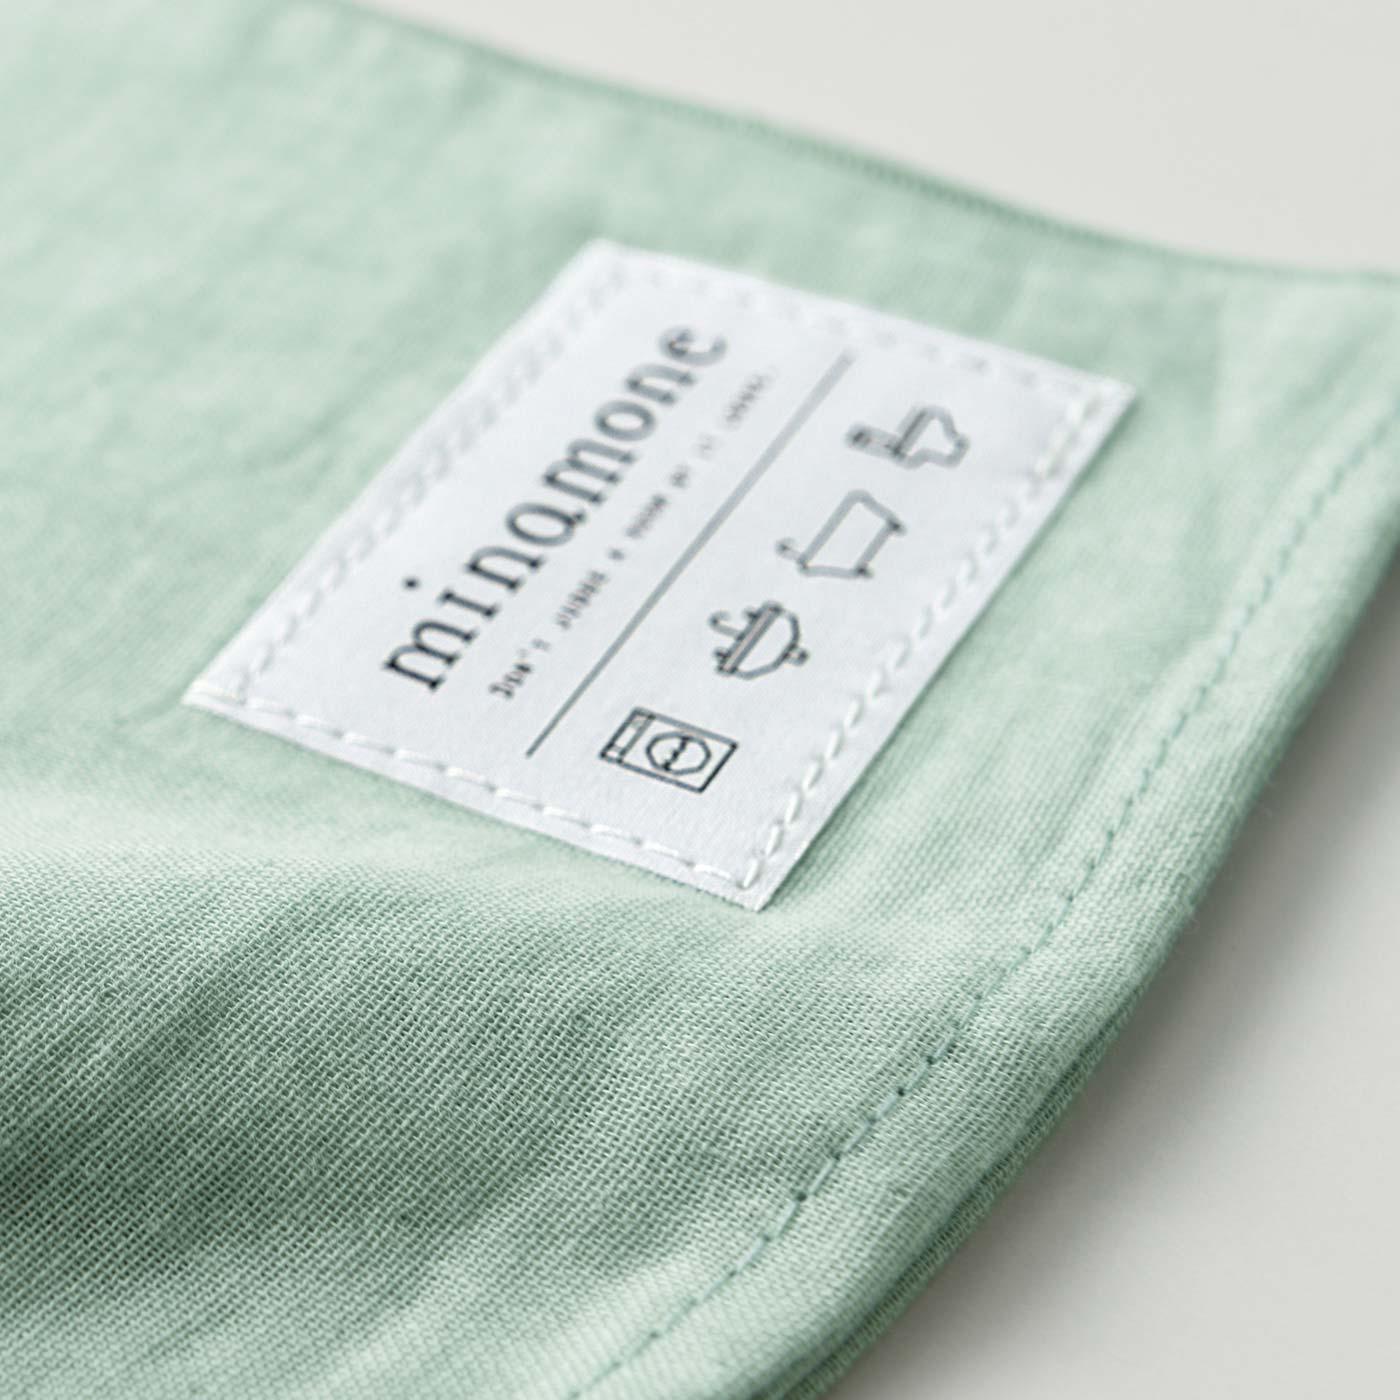 肌に心地いい薄手の綿ダブルガーゼ素材で乾きも速い。